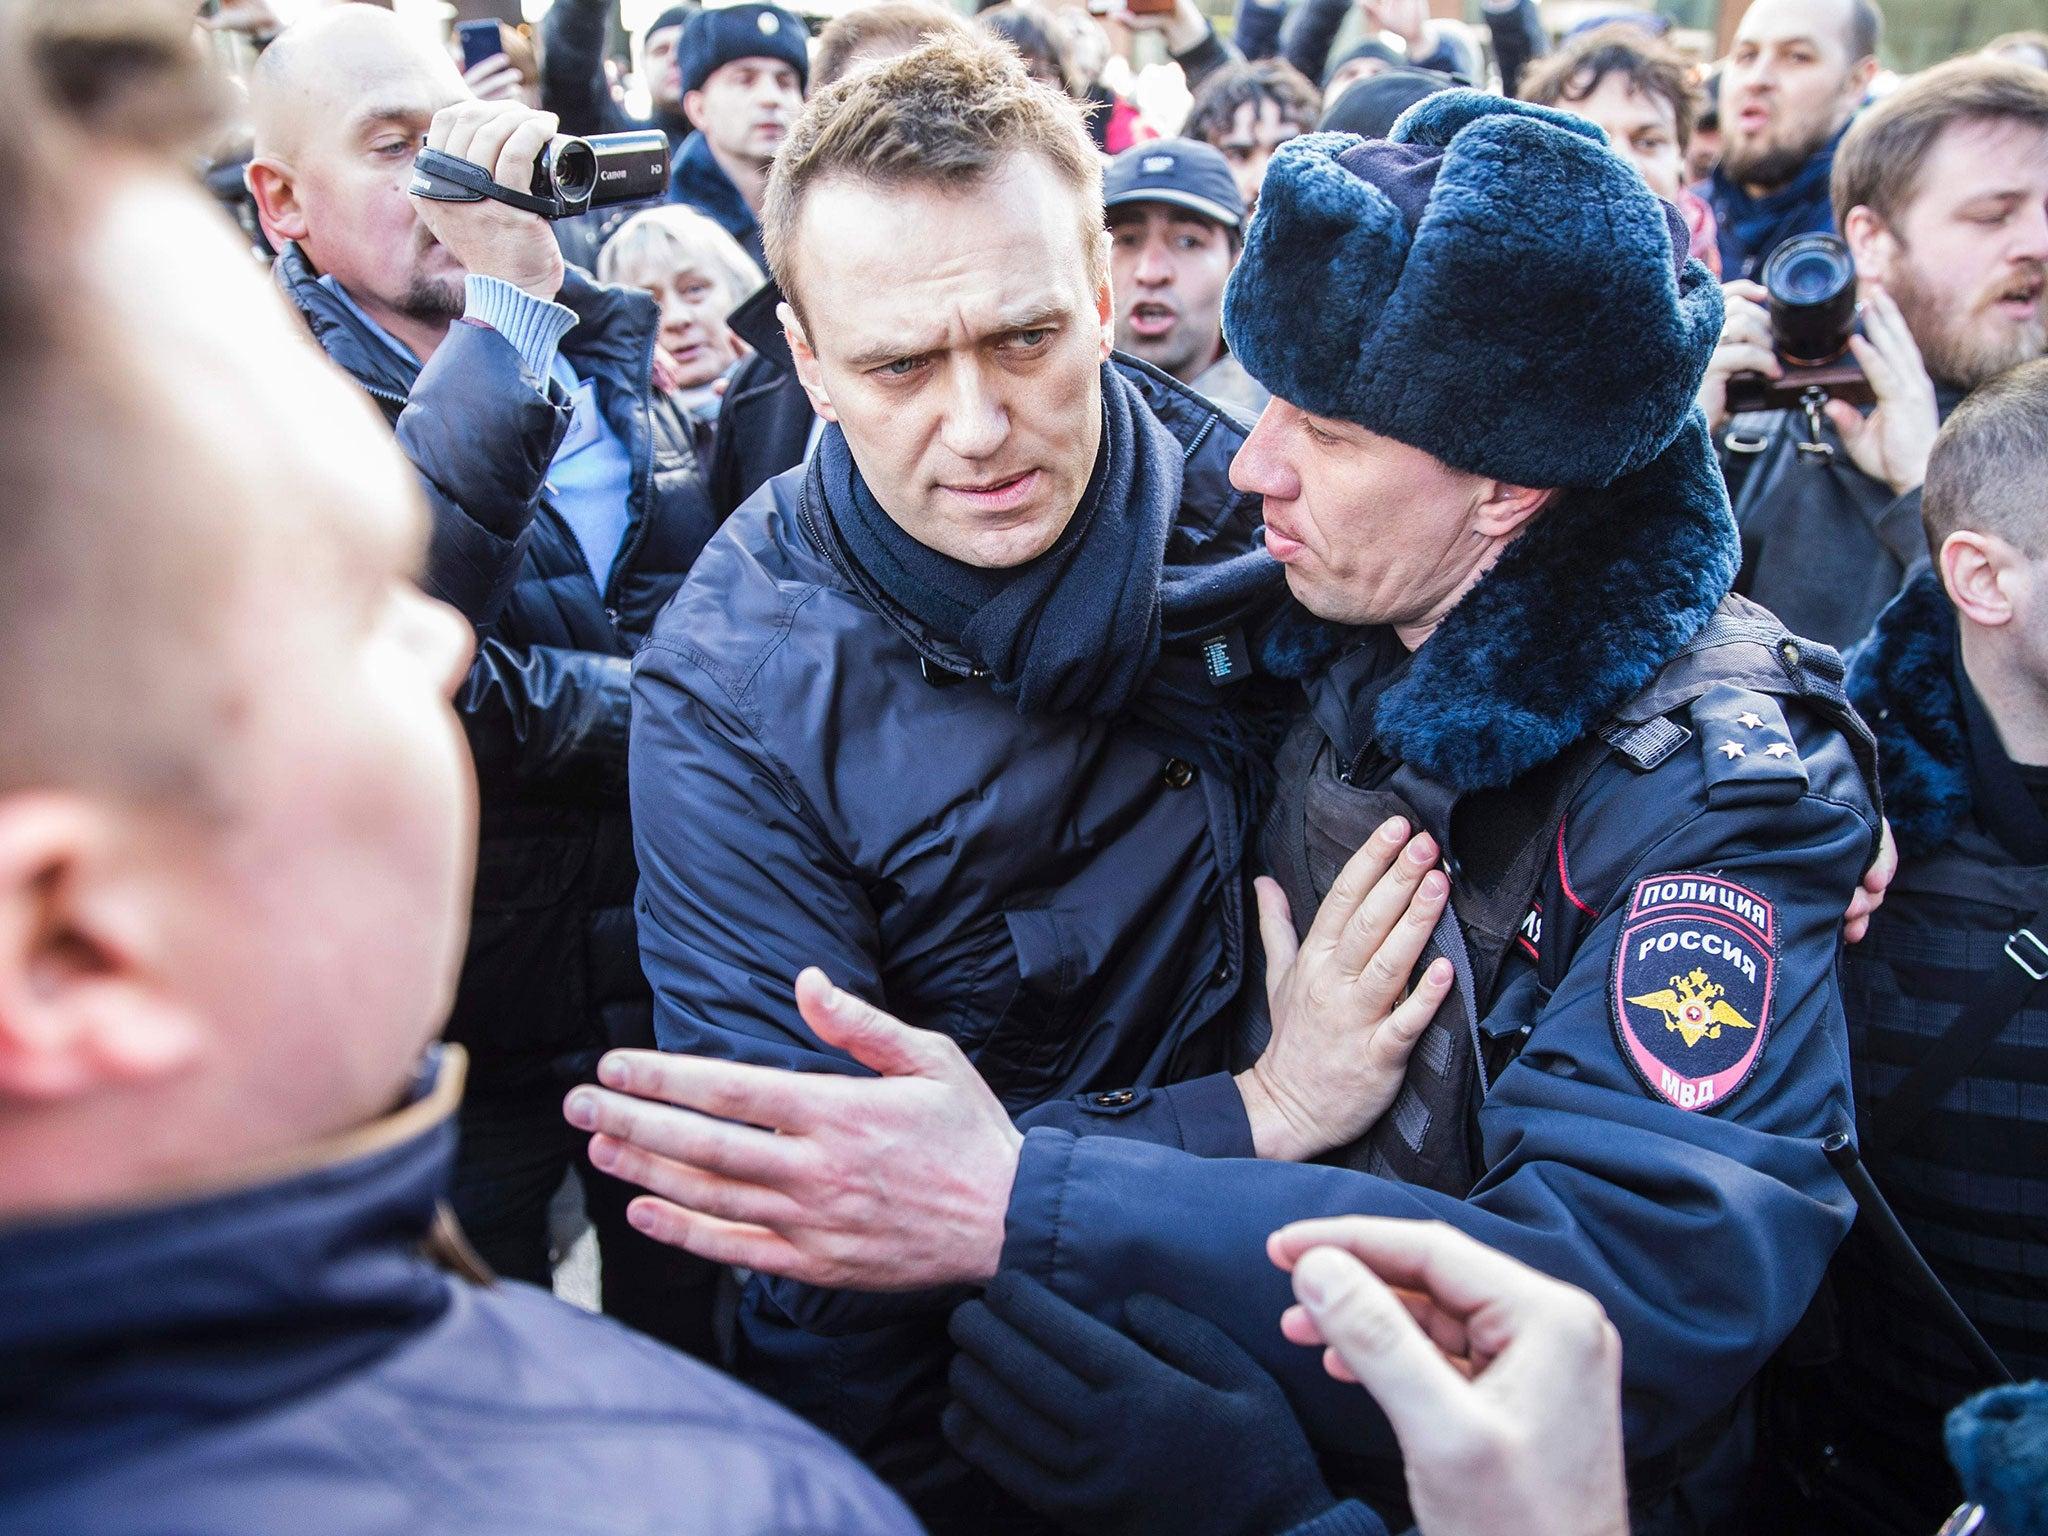 Fans criticized Dmitry Shepelev&#39